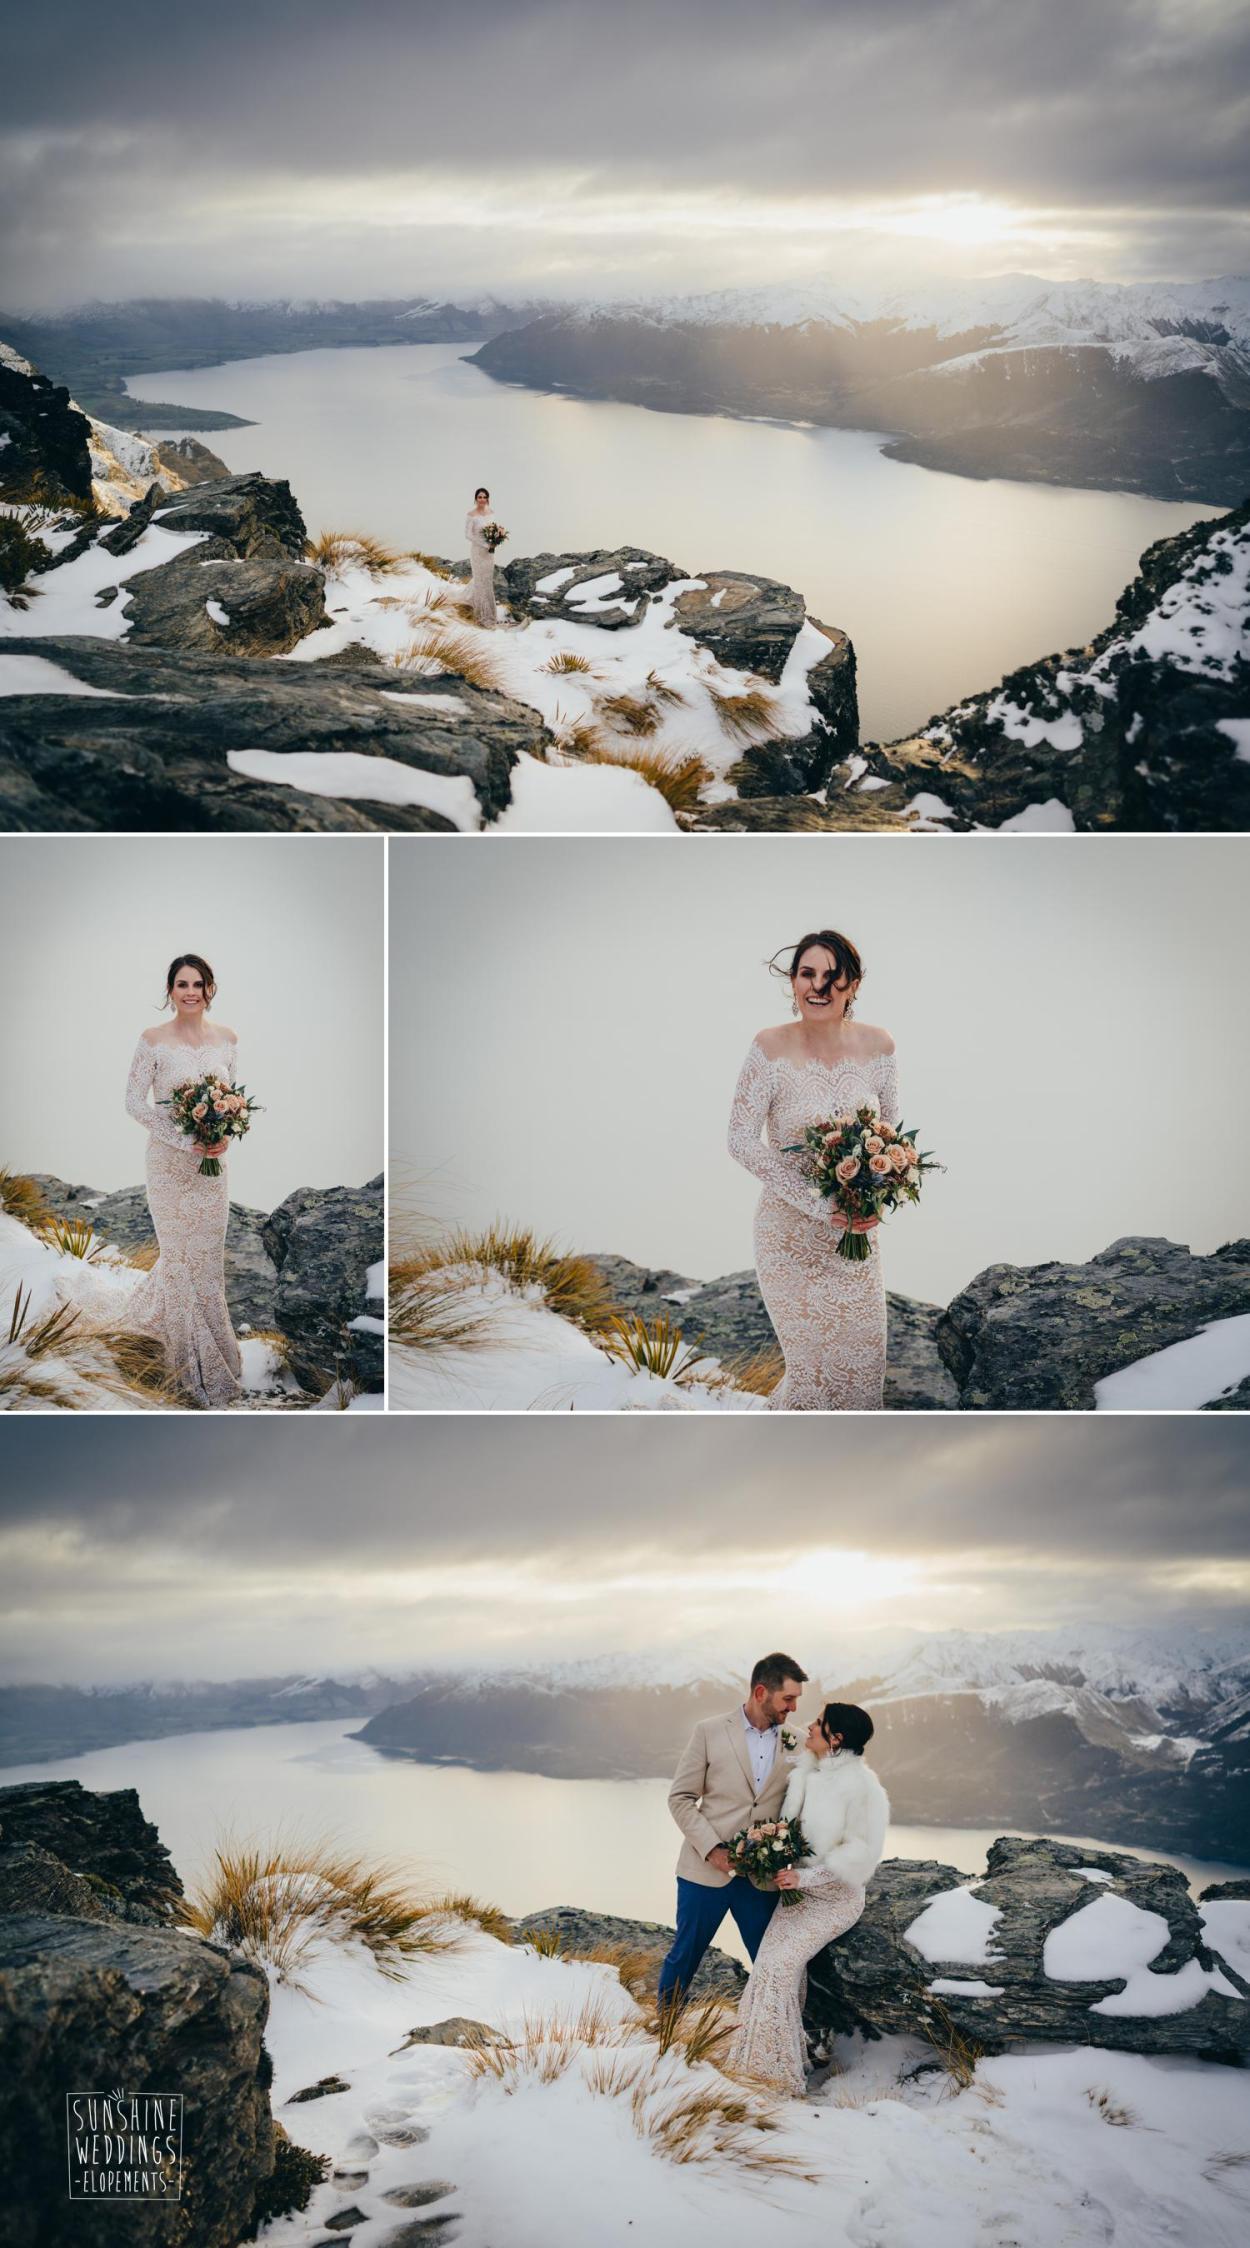 Snow mountain weddings